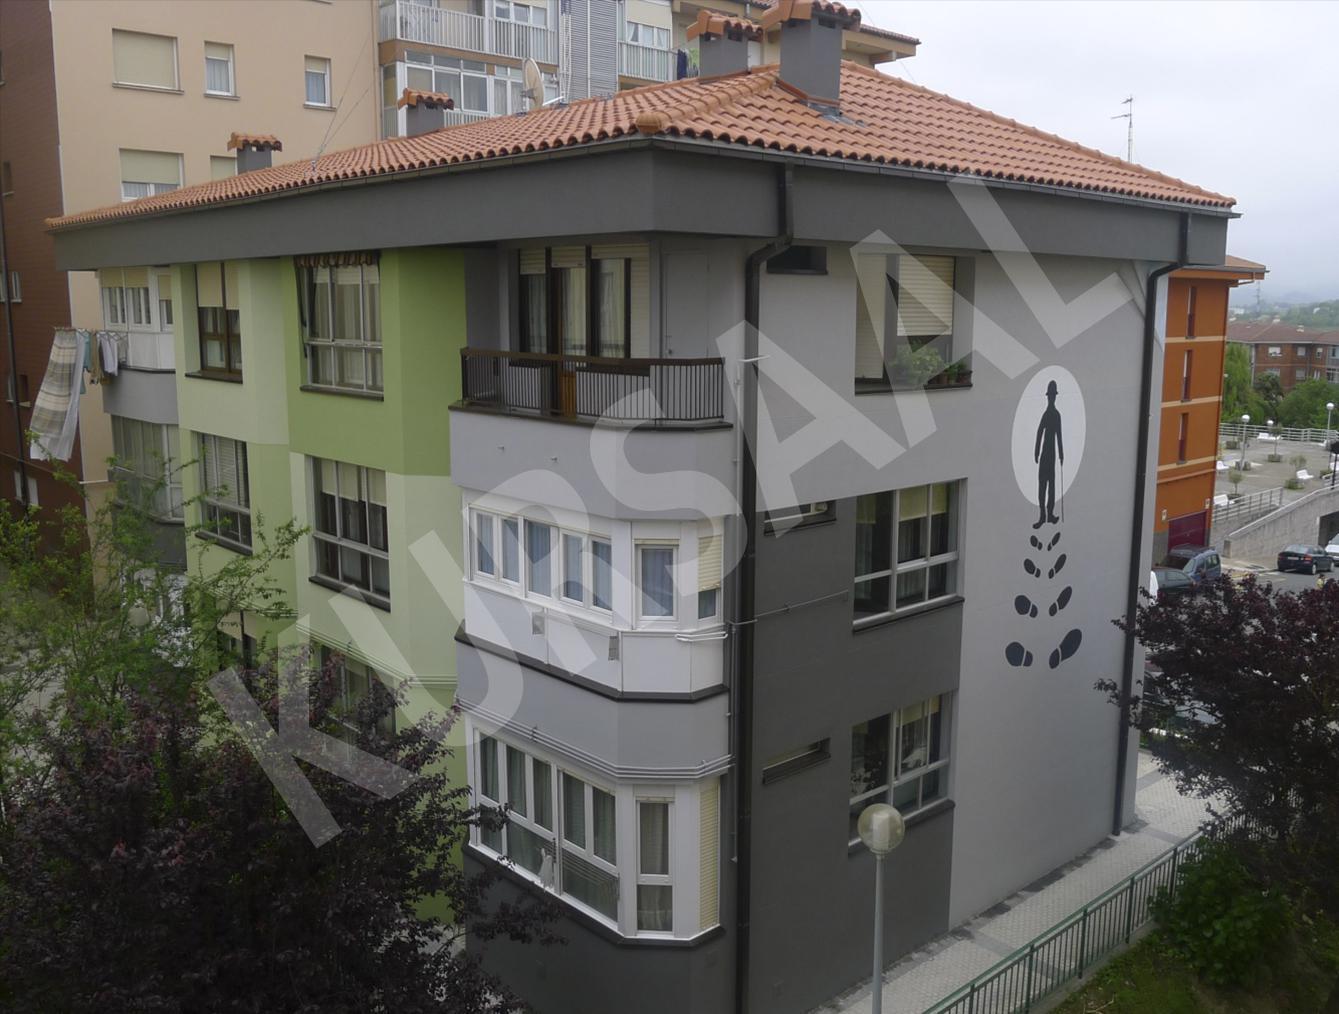 foto 5 - Aislamientos Térmicos y Eficiencia Energética-Lau Haizeta 14-DONOSTIA, GIPUZKOA